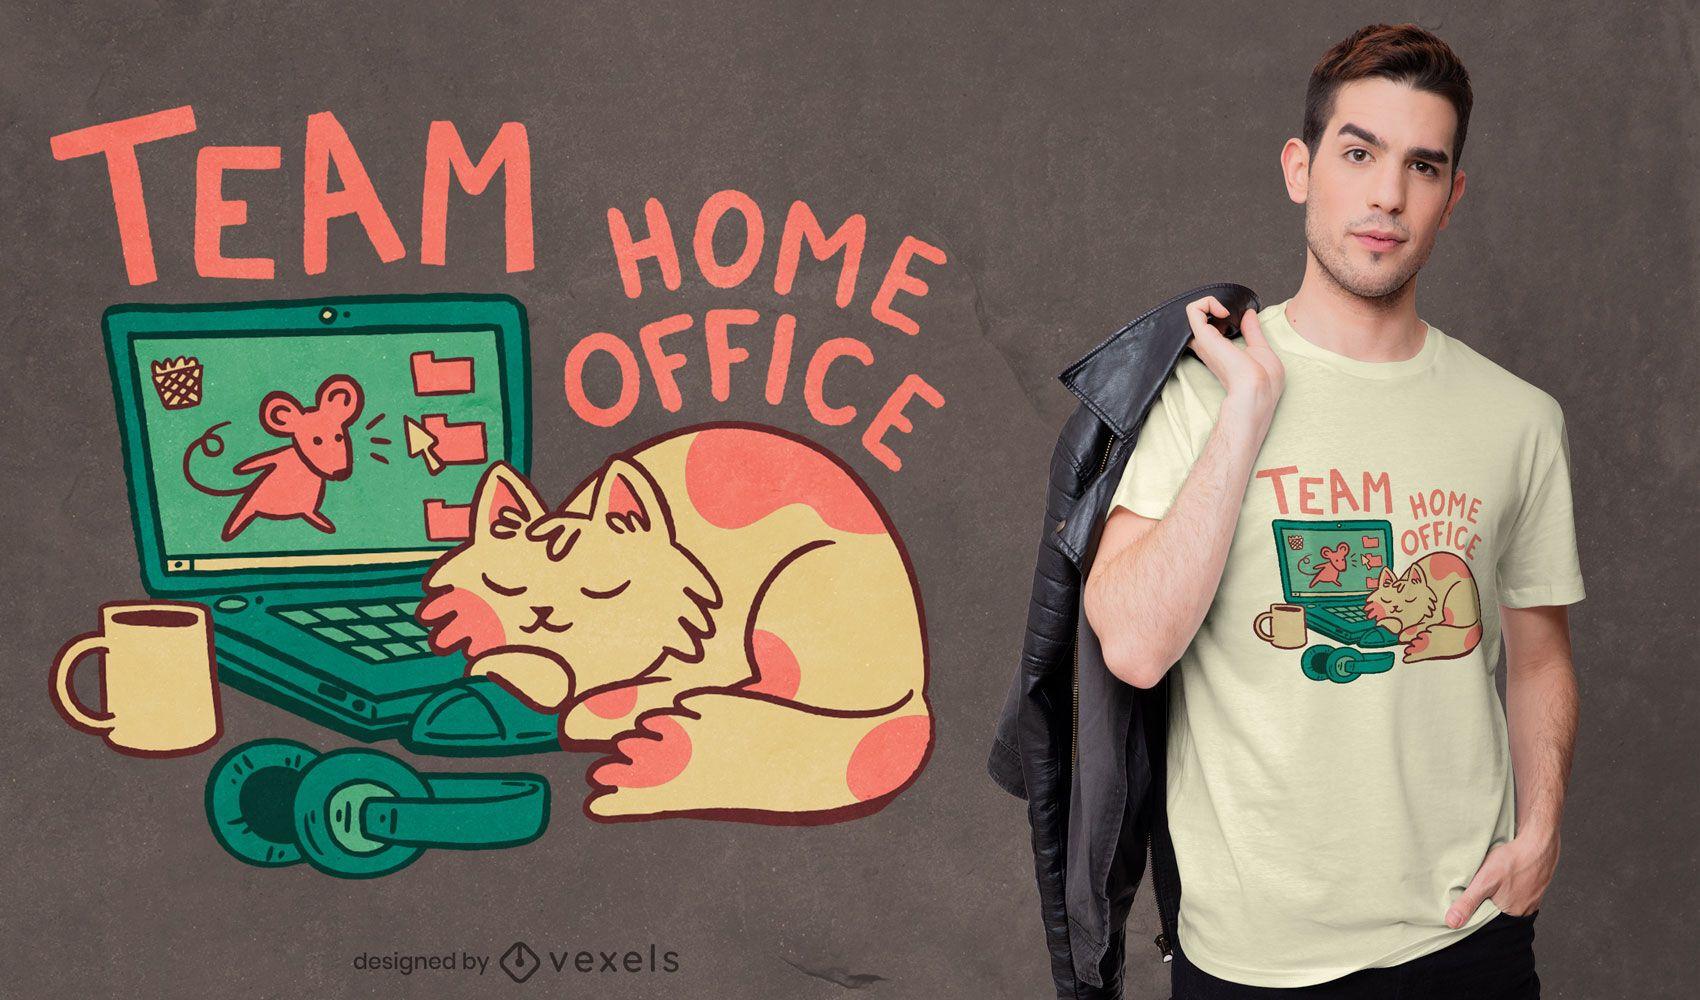 Diseño de camiseta de equipo de oficina en casa.